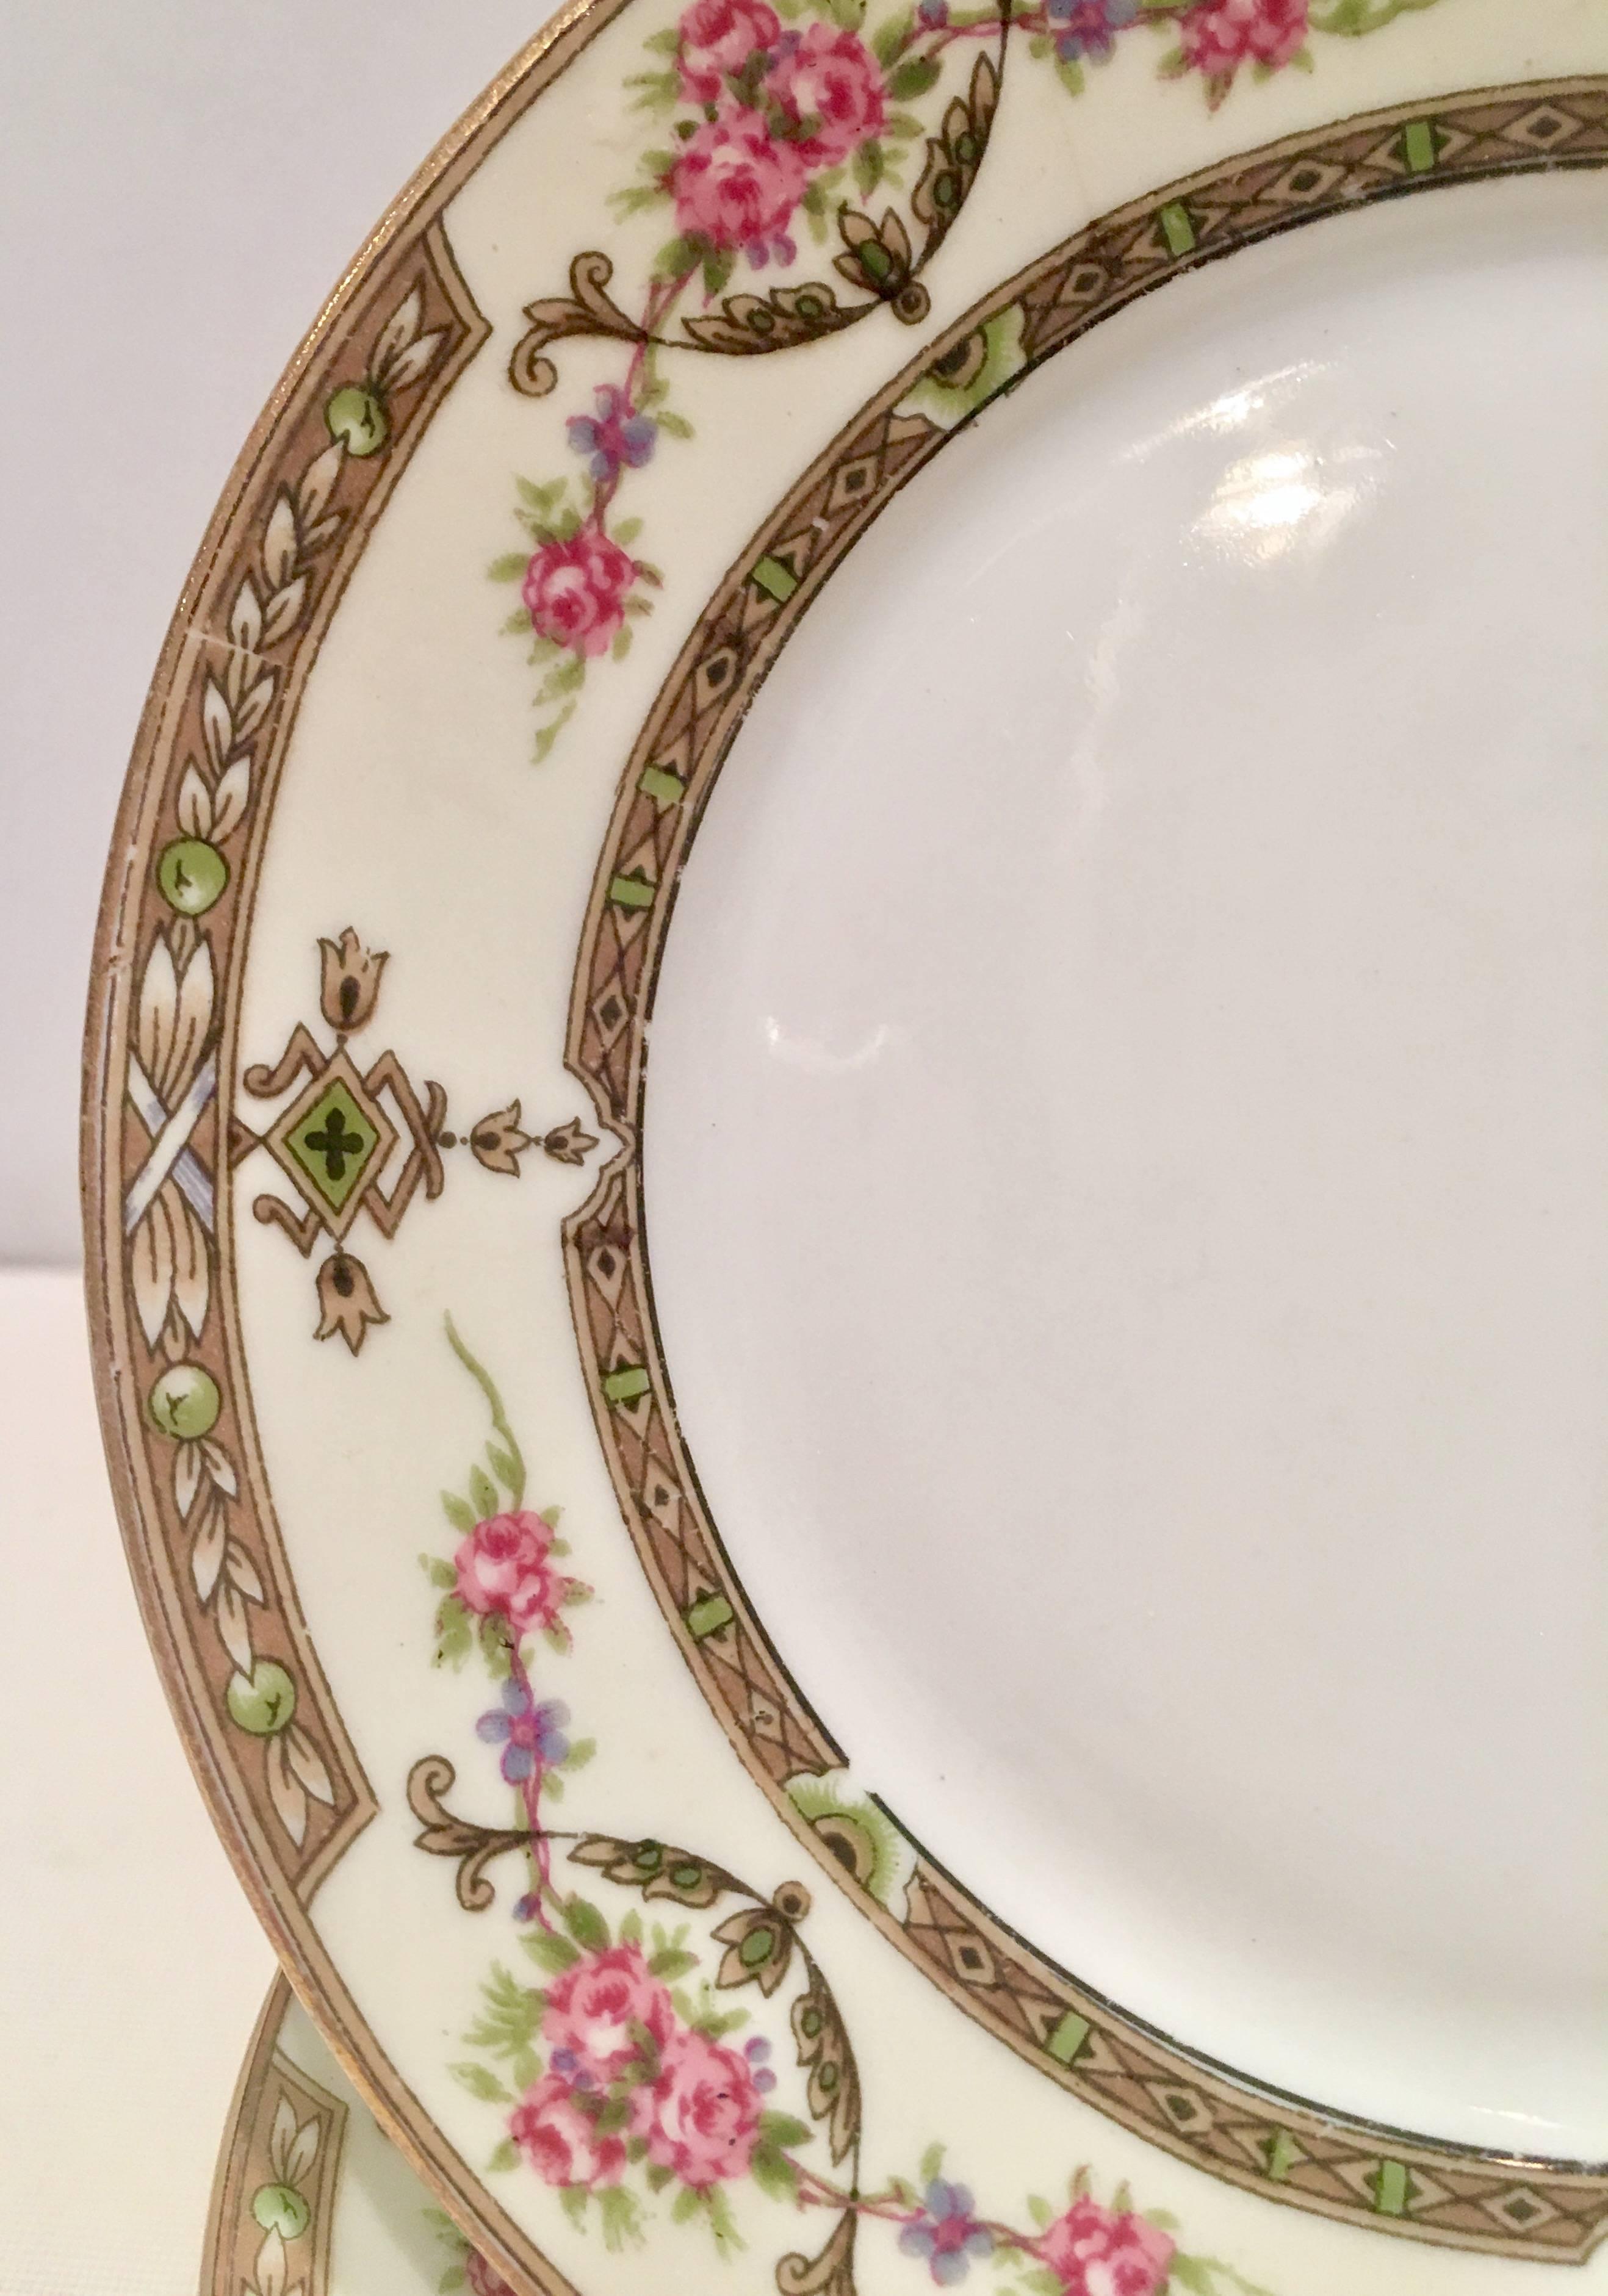 Vintage Limoges France Porcelain Salad Dessert Plates  sc 1 st  1stDibs & Vintage Limoges France Porcelain Salad Dessert Plates \